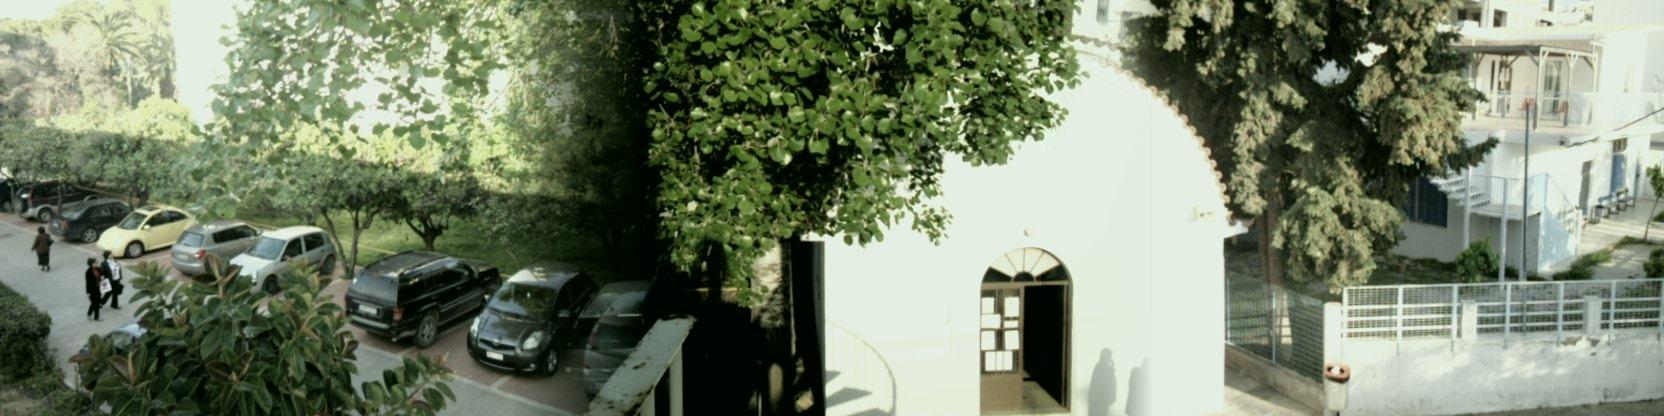 ^ Πανοραμική ανατολικής πλευράς με το εκκλησάκι του Αγ Λουκά